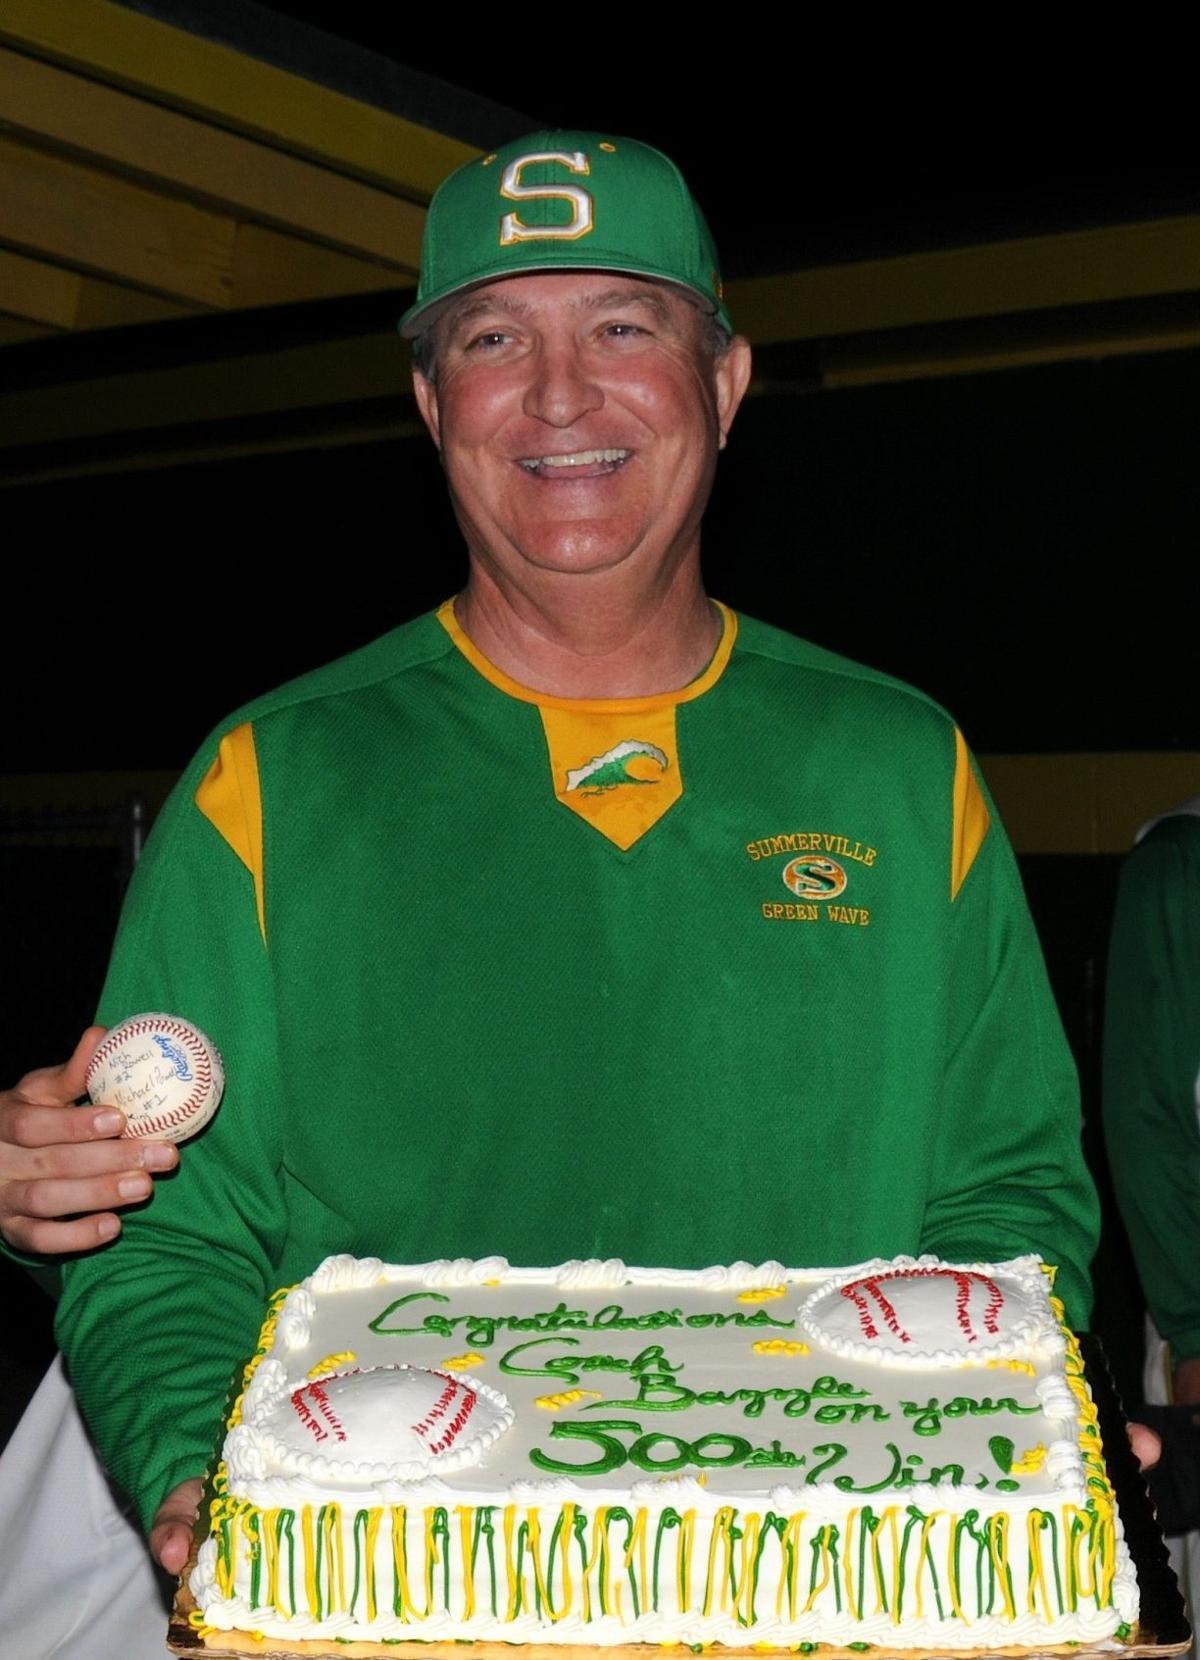 Summerville baseball coach Burt Bazzle steps down after 28 seasons